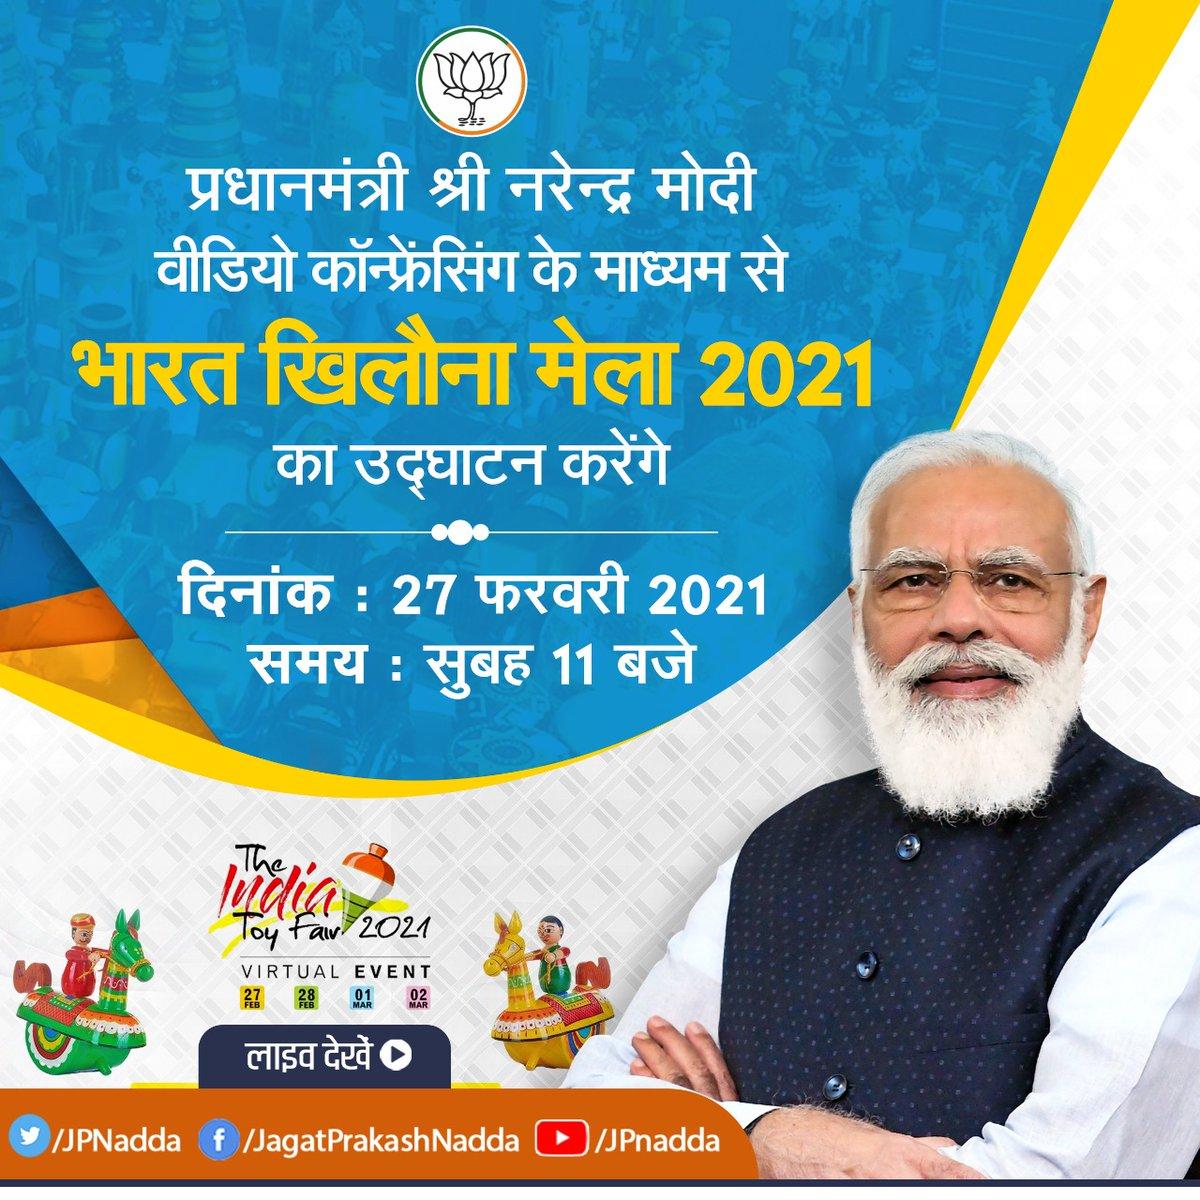 """Office of JP Nadda's tweet - """"आदरणीय प्रधानमंत्री श्री @narendramodi जी कल  सुबह 11 बजे वीडियो कॉन्फ्रेंसिंग के माध्यम से भारत खिलौना मेला 2021 का  उद्घाटन करेंगे ..."""